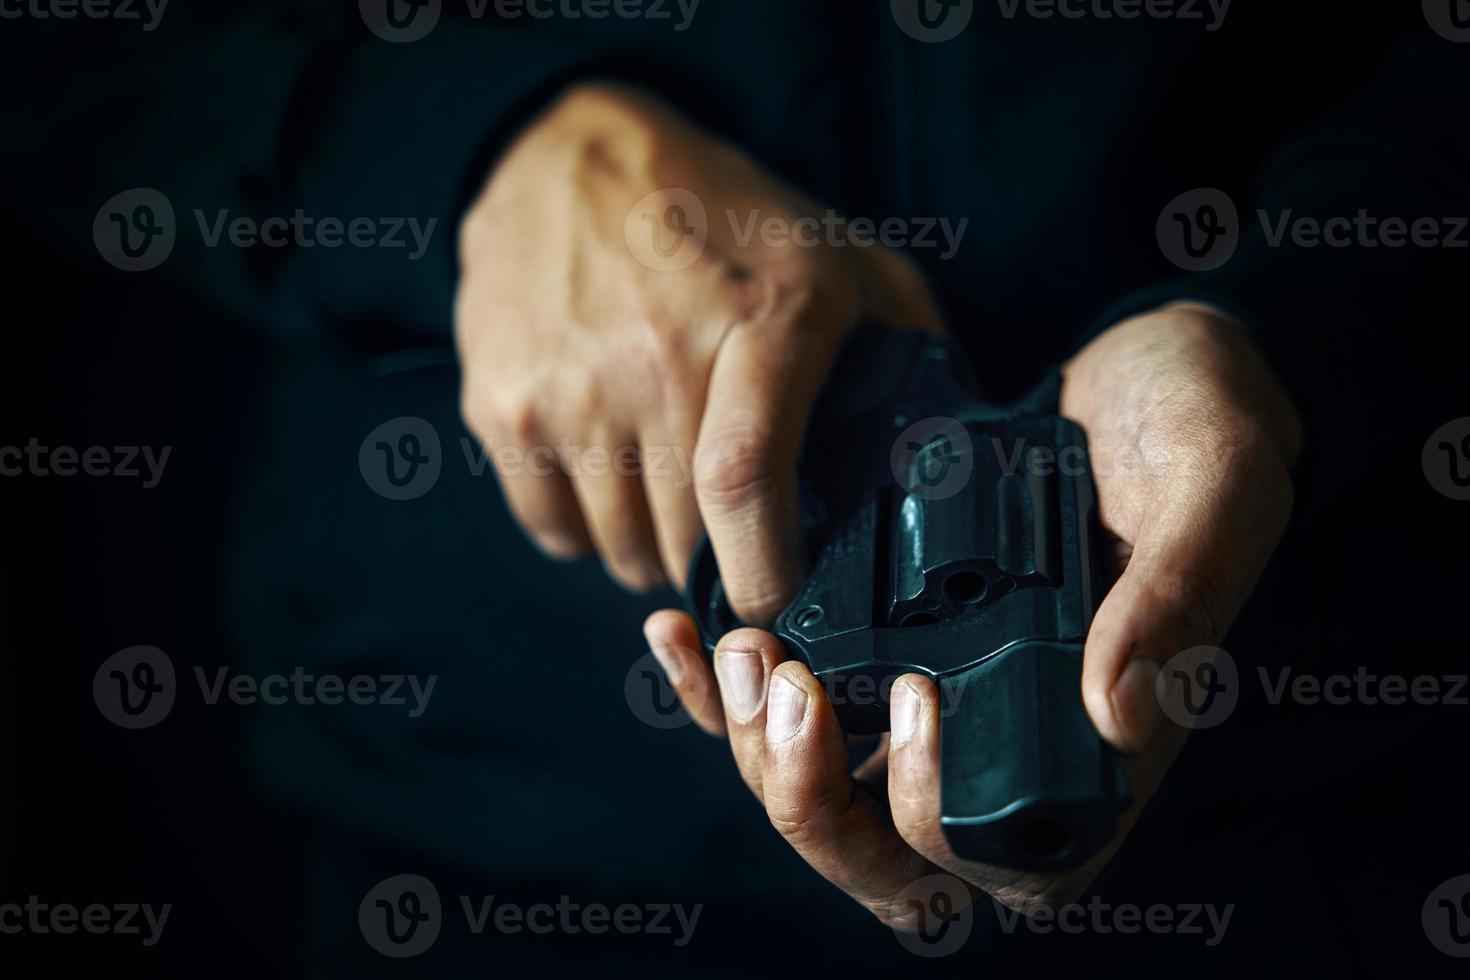 cara está segurando o revólver nas mãos. foto